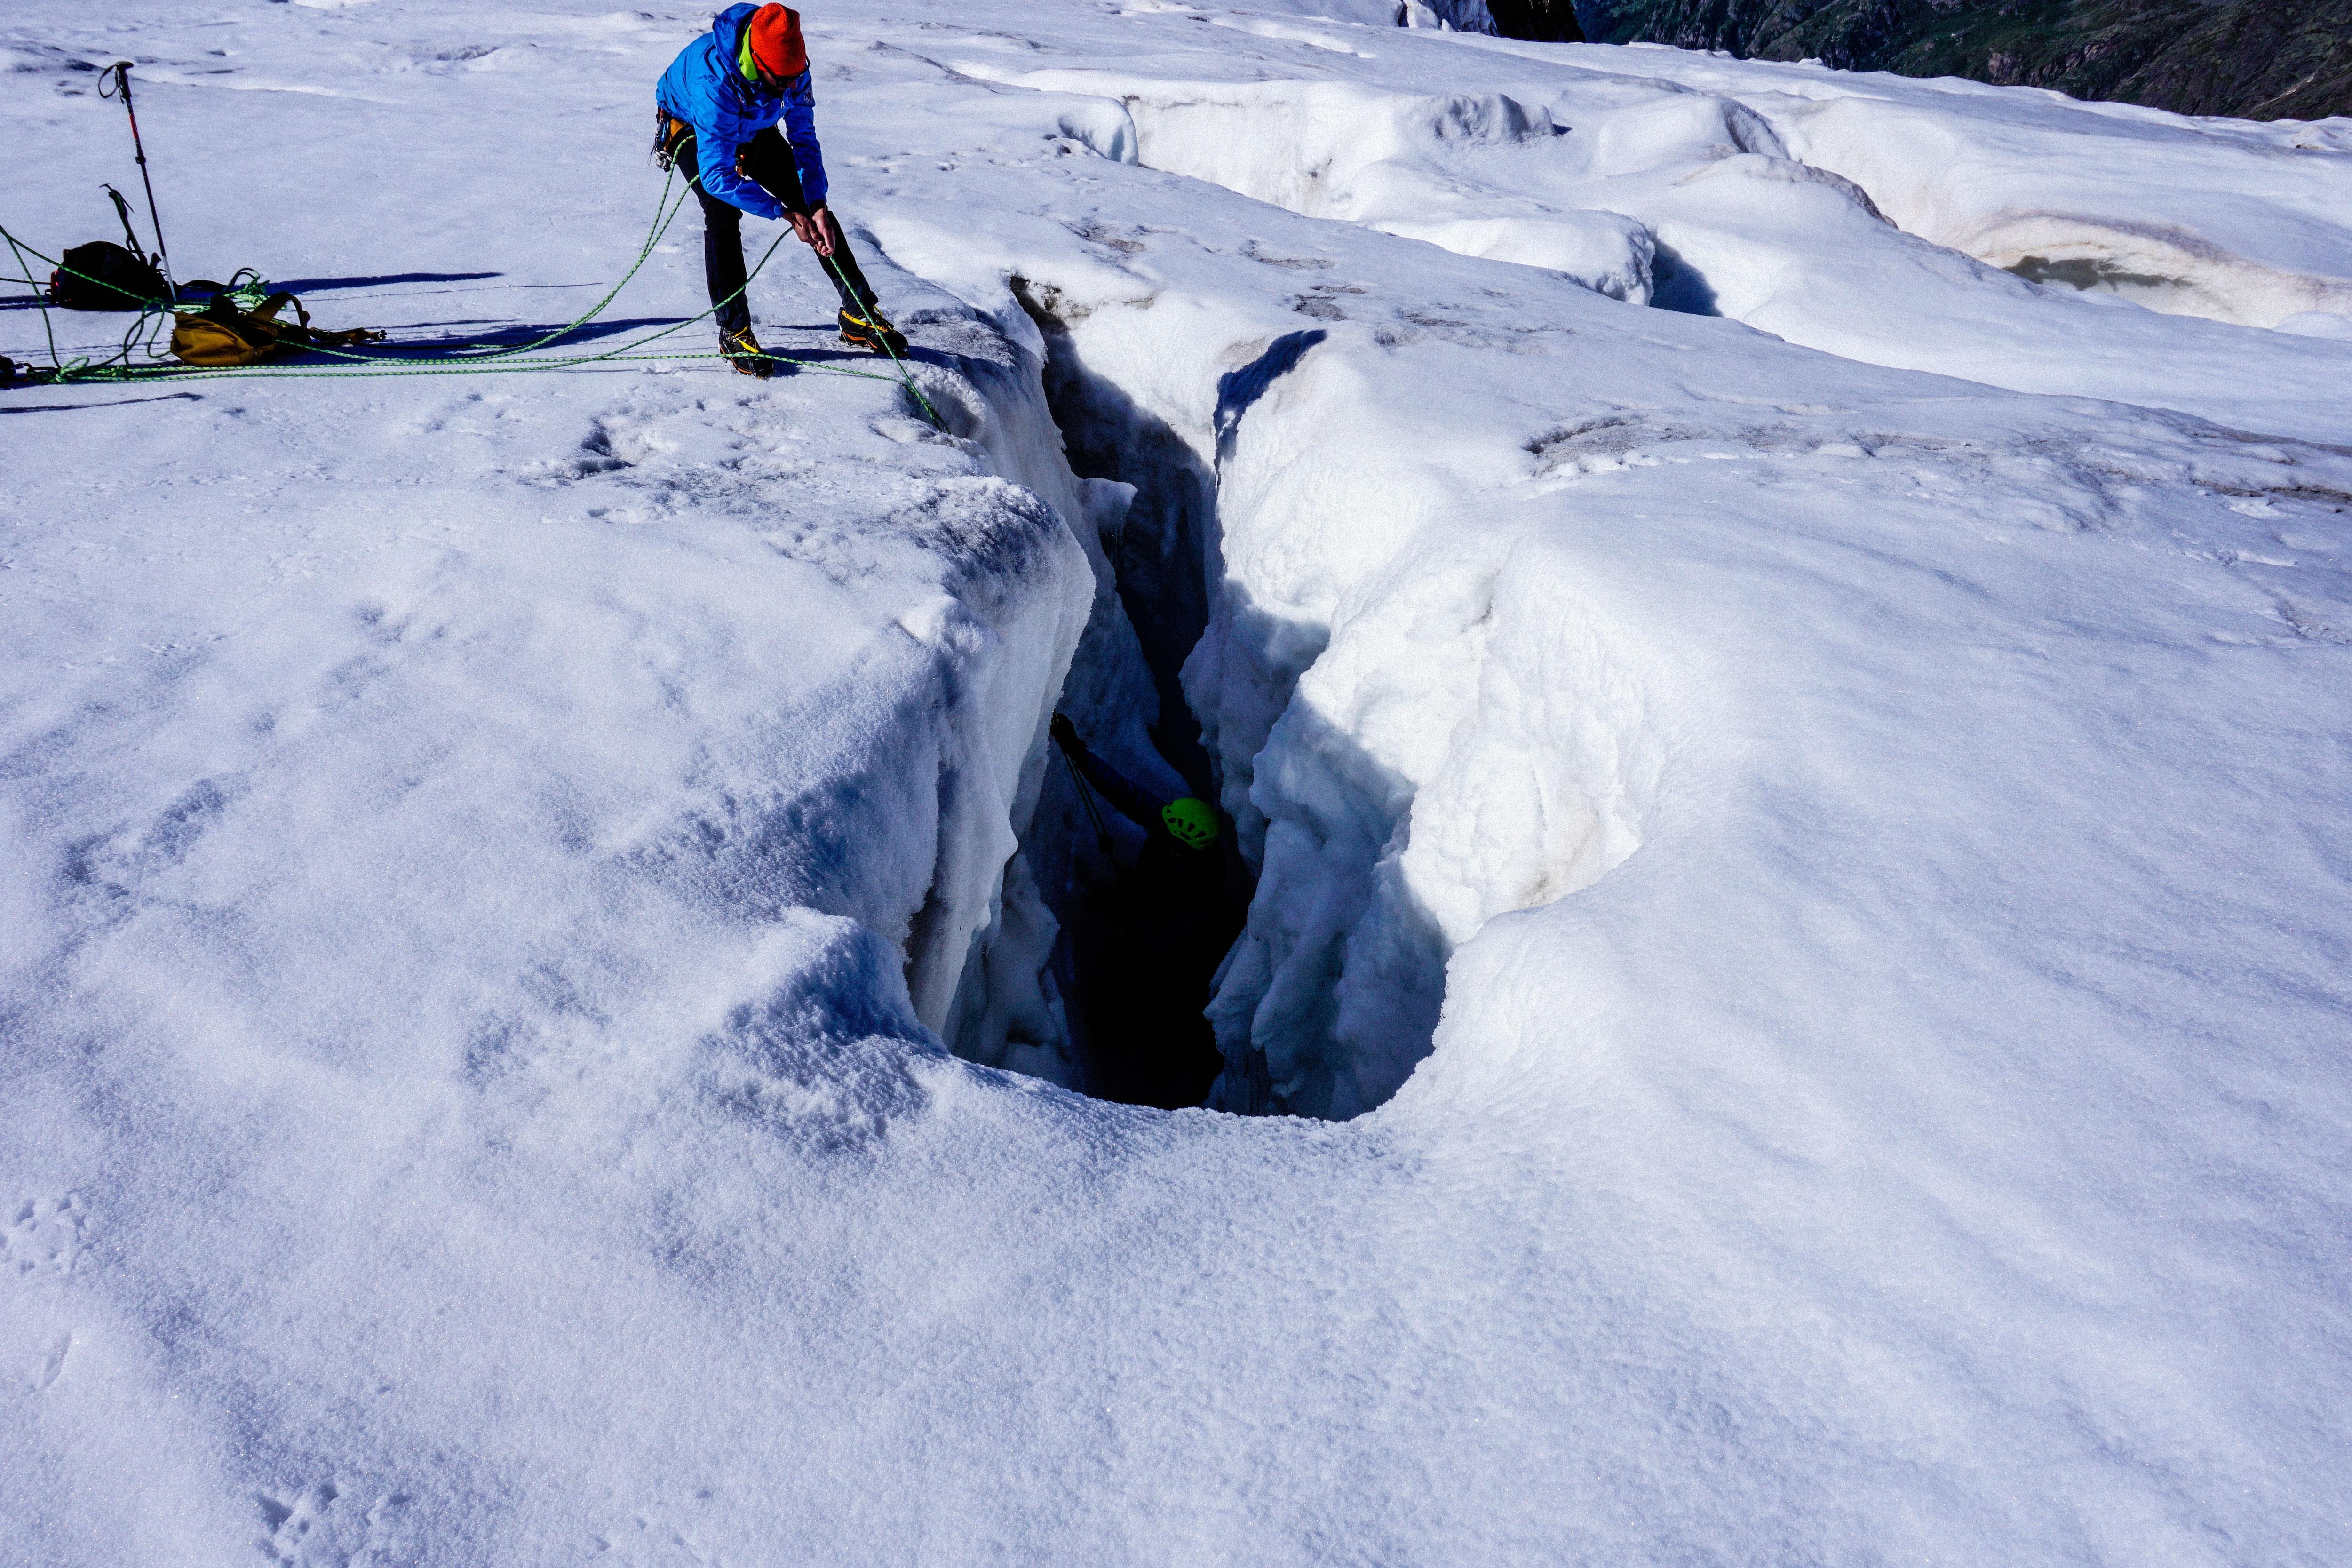 Photo of La discesa e la gestione della caduta nel crepaccio – Video tutorial alpinismo su ghiacciaio